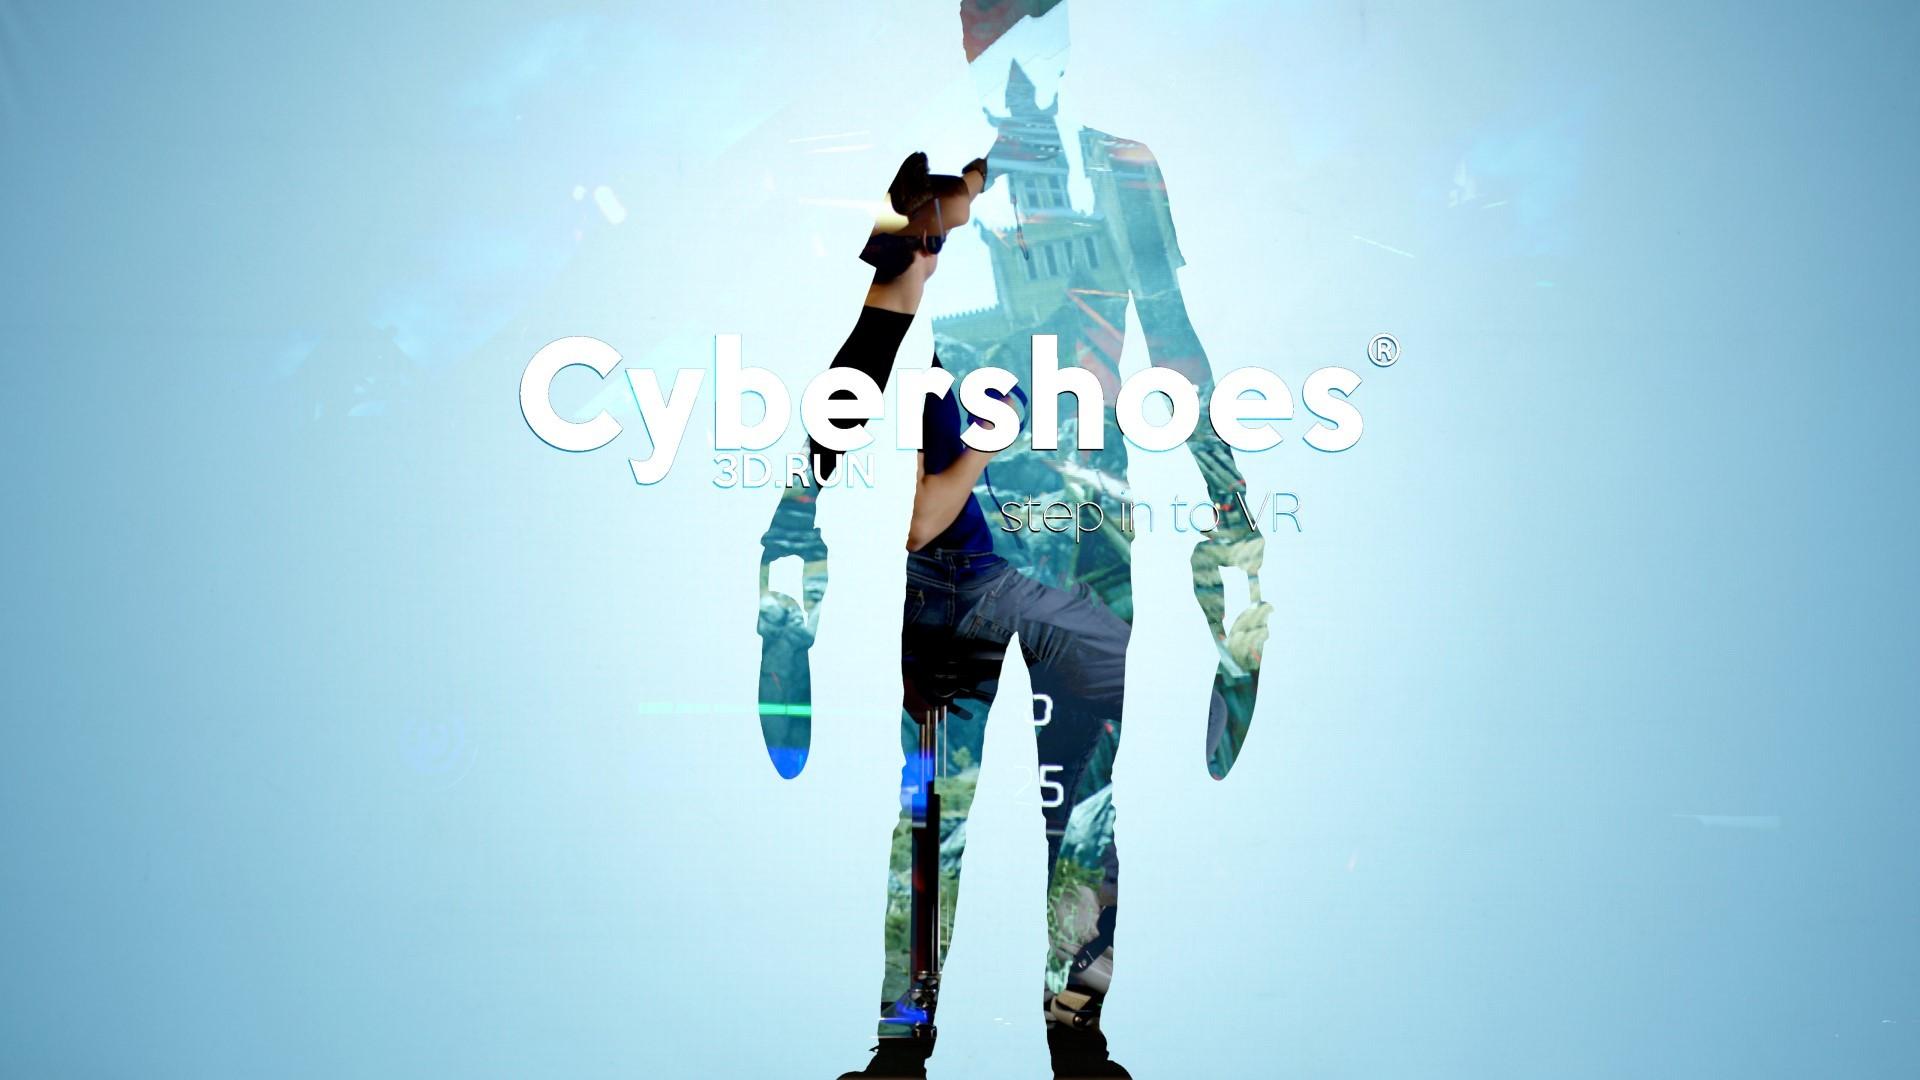 Cybershoes Réalité Virtuelle CES